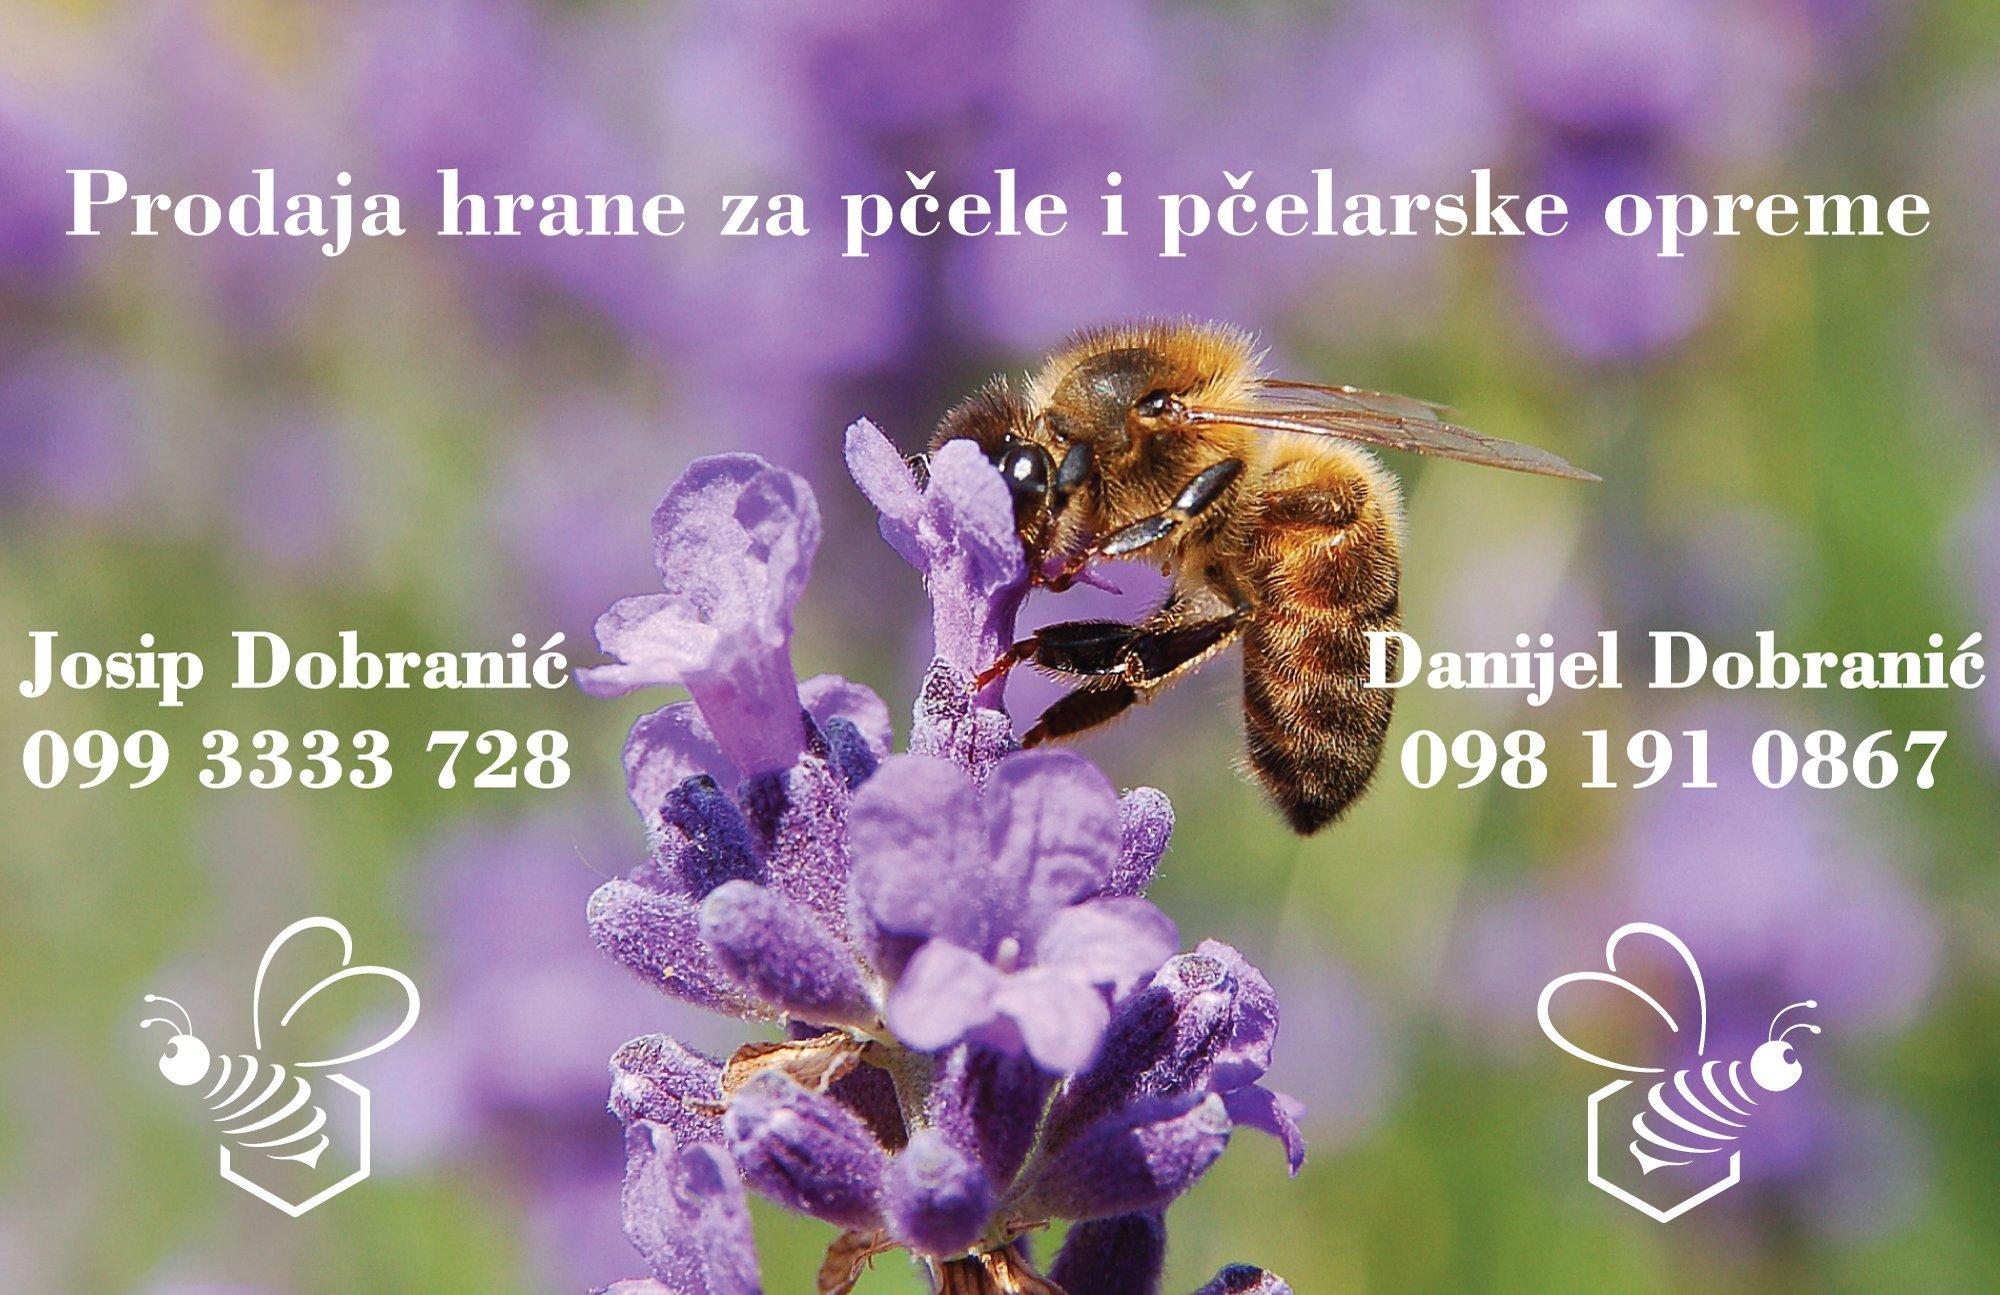 dobranic1